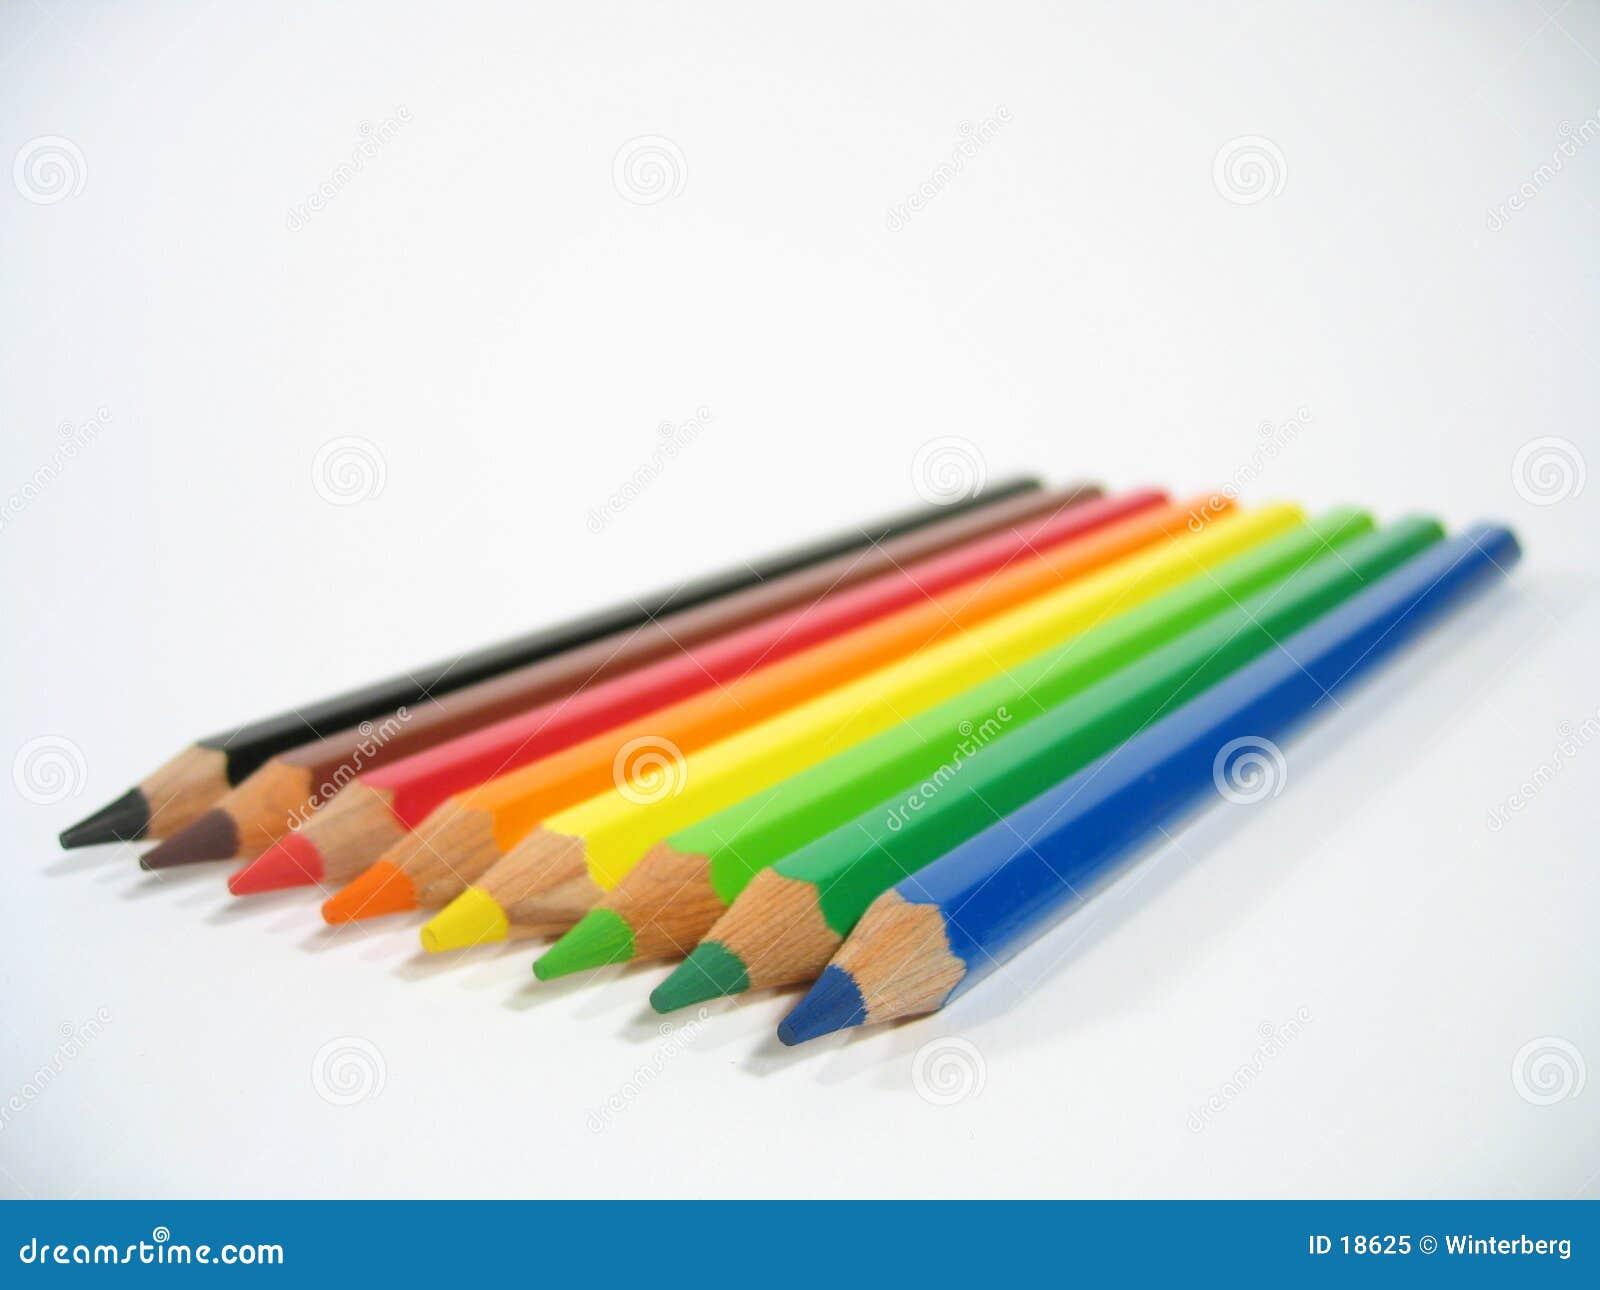 Colored Crayons III